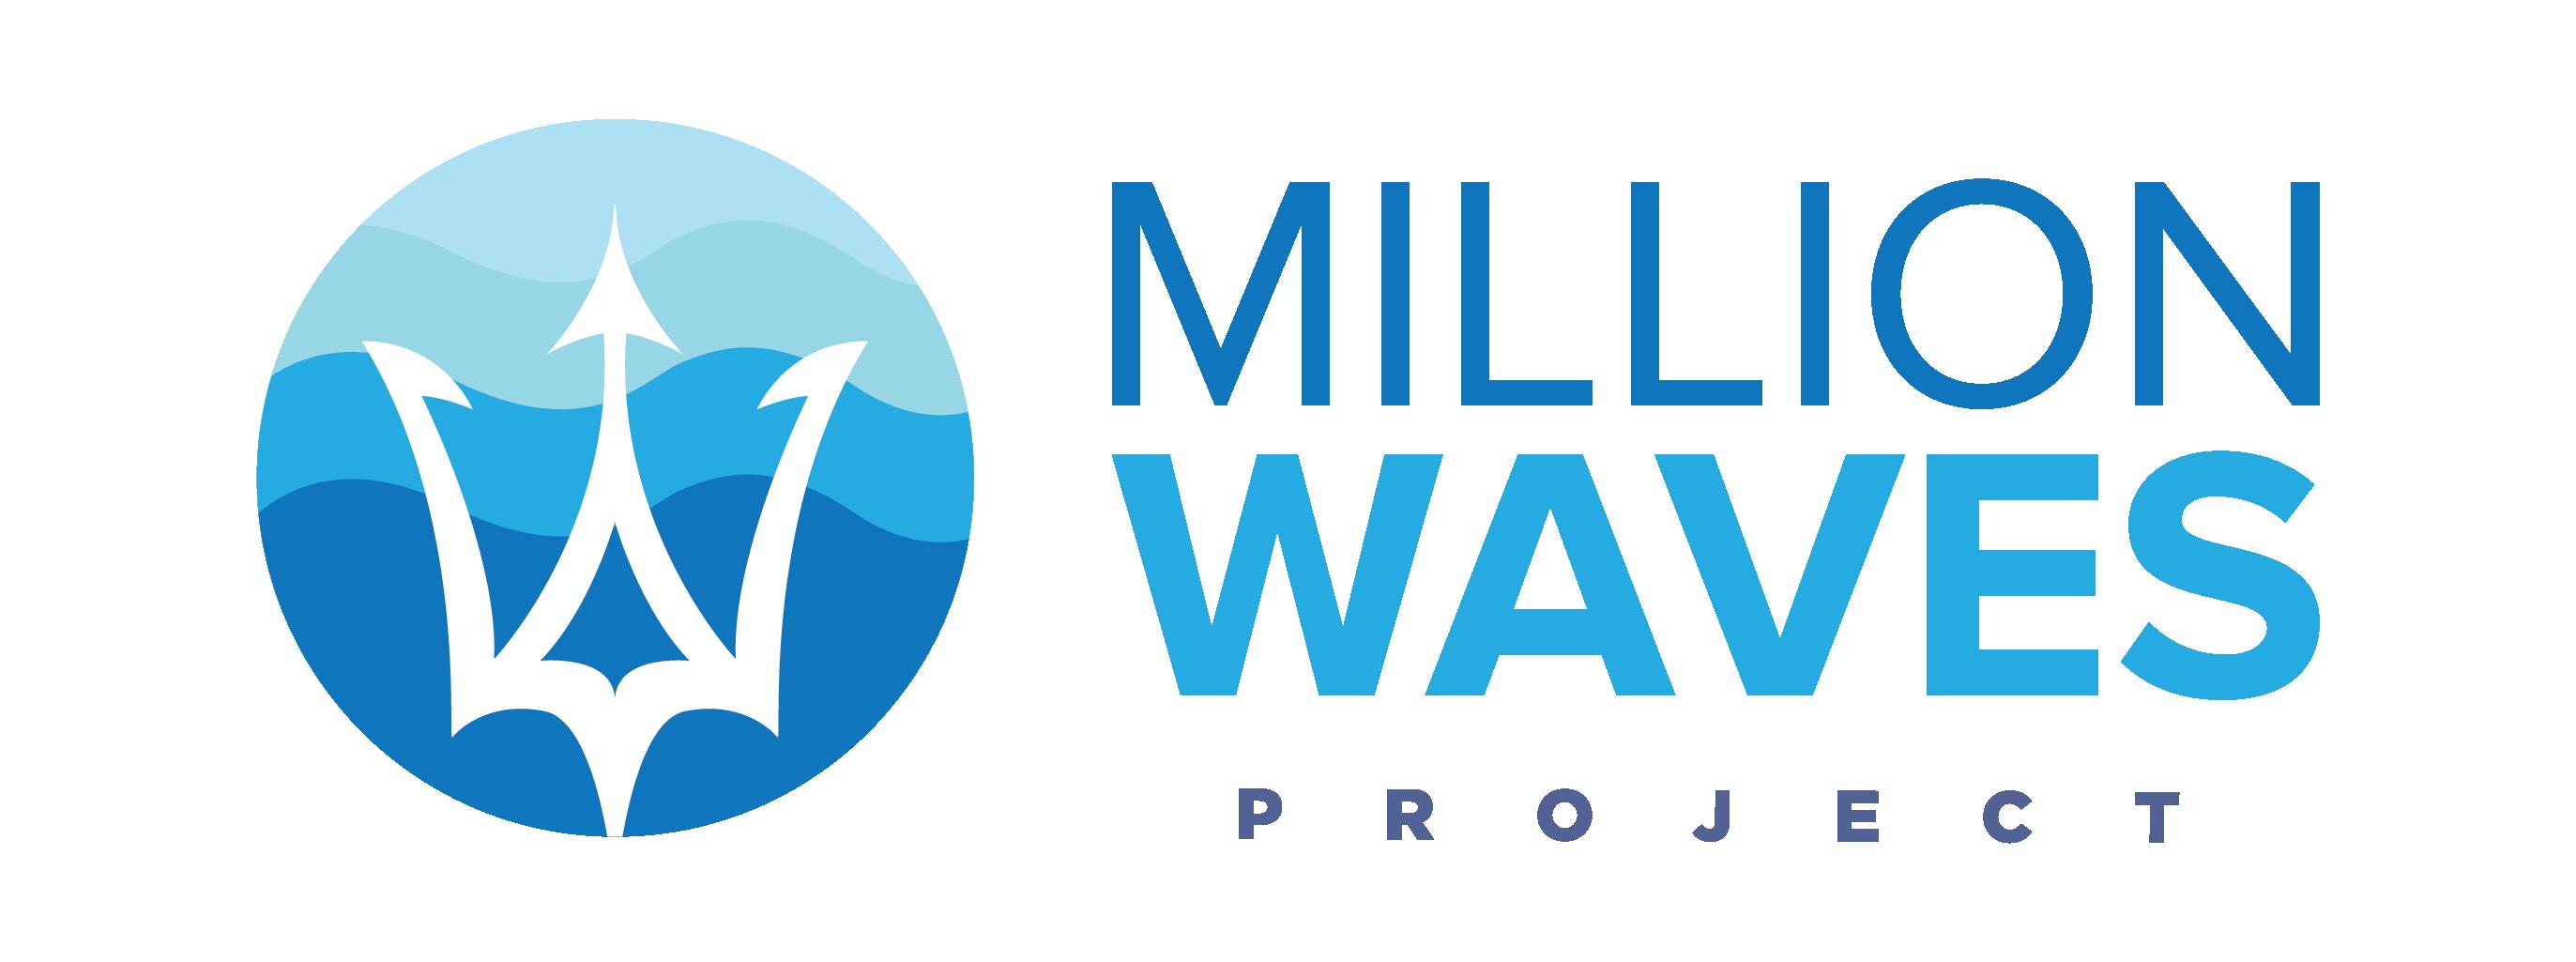 2357418eed76b0 Ocean Plastic | Million Waves Project | FAQ